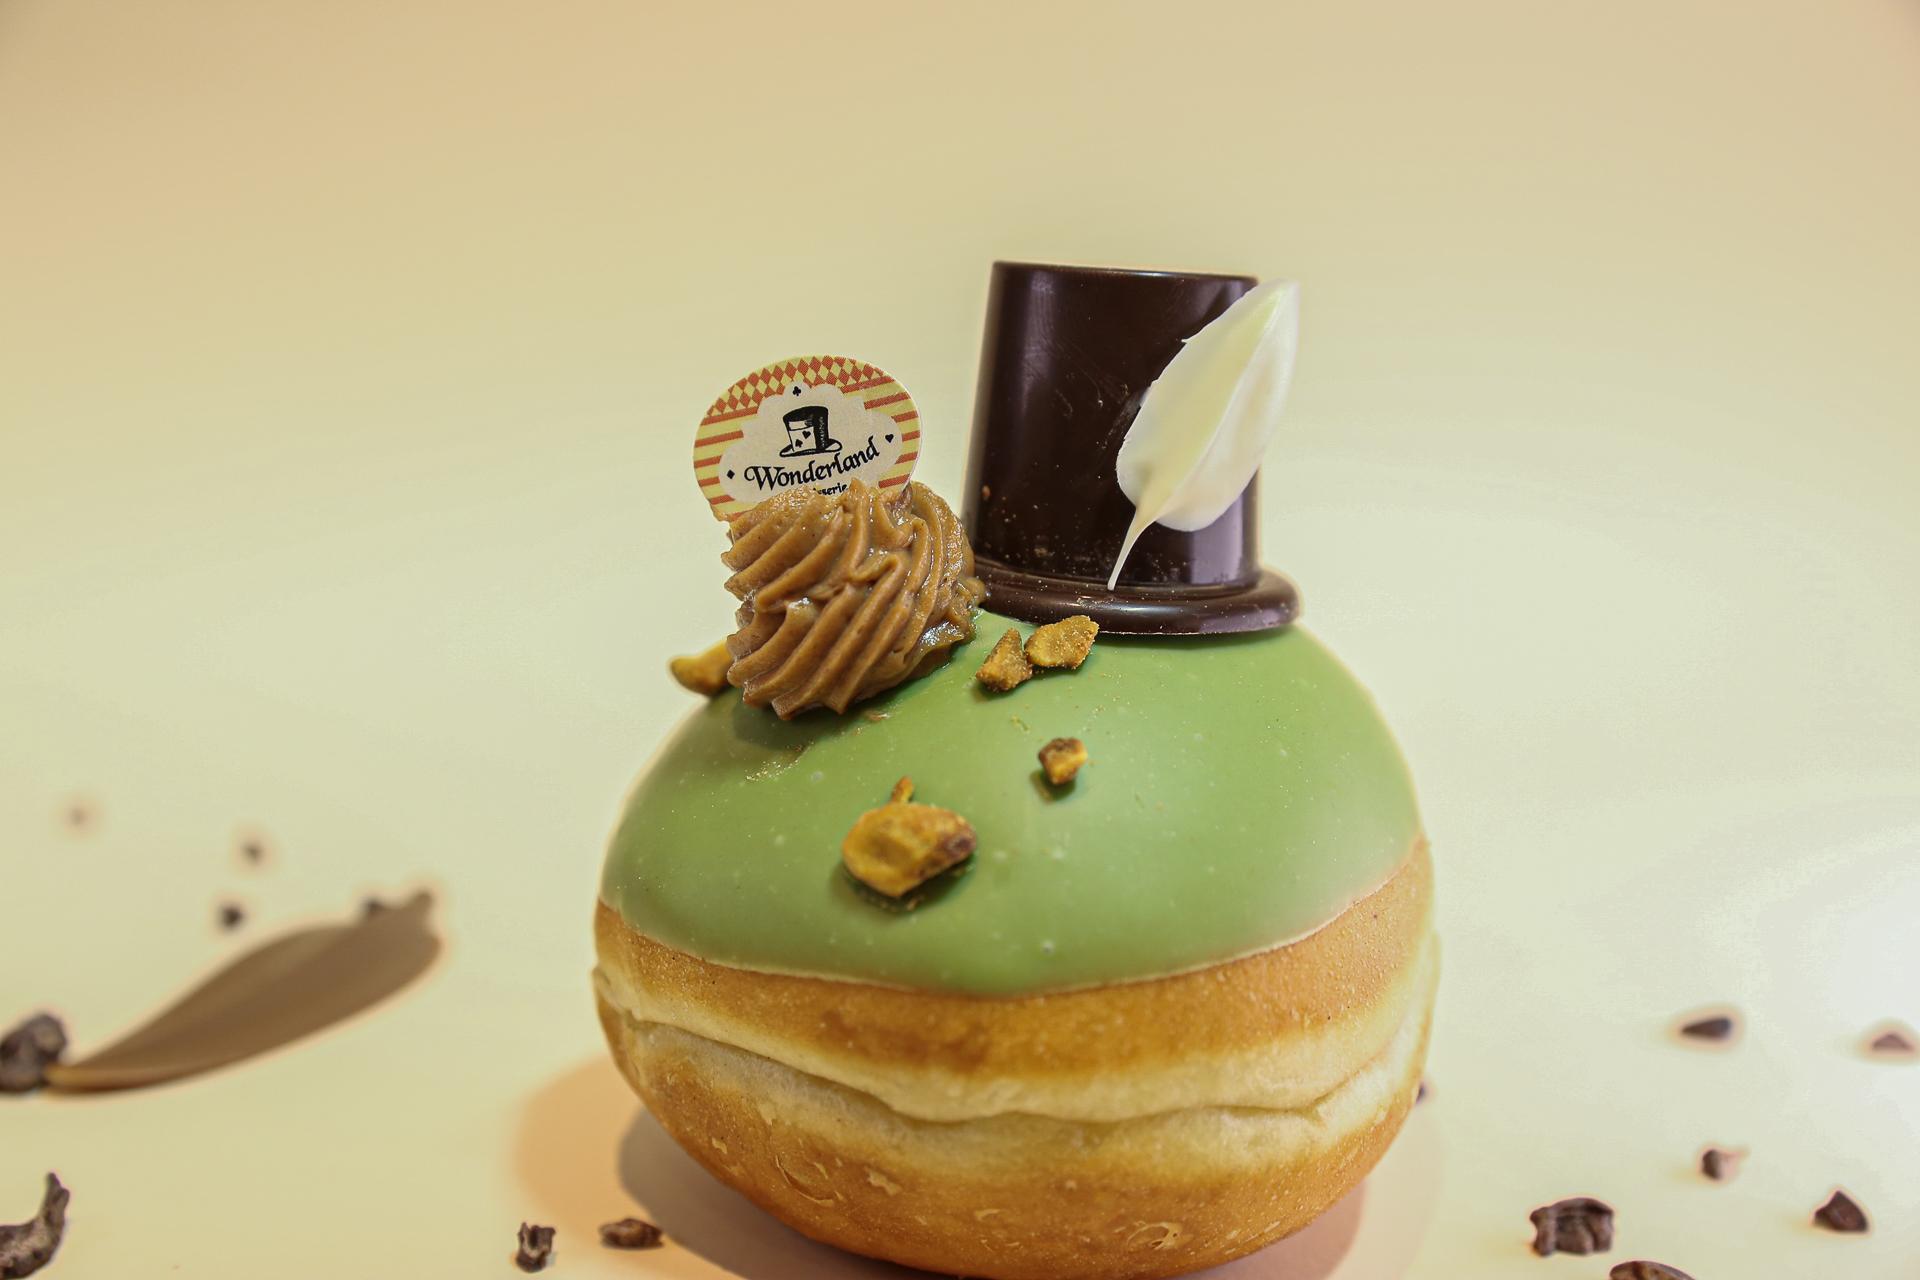 סופגניית הכובען של וונדרלנד פטיסרי (צילום: באדיבות המקום)